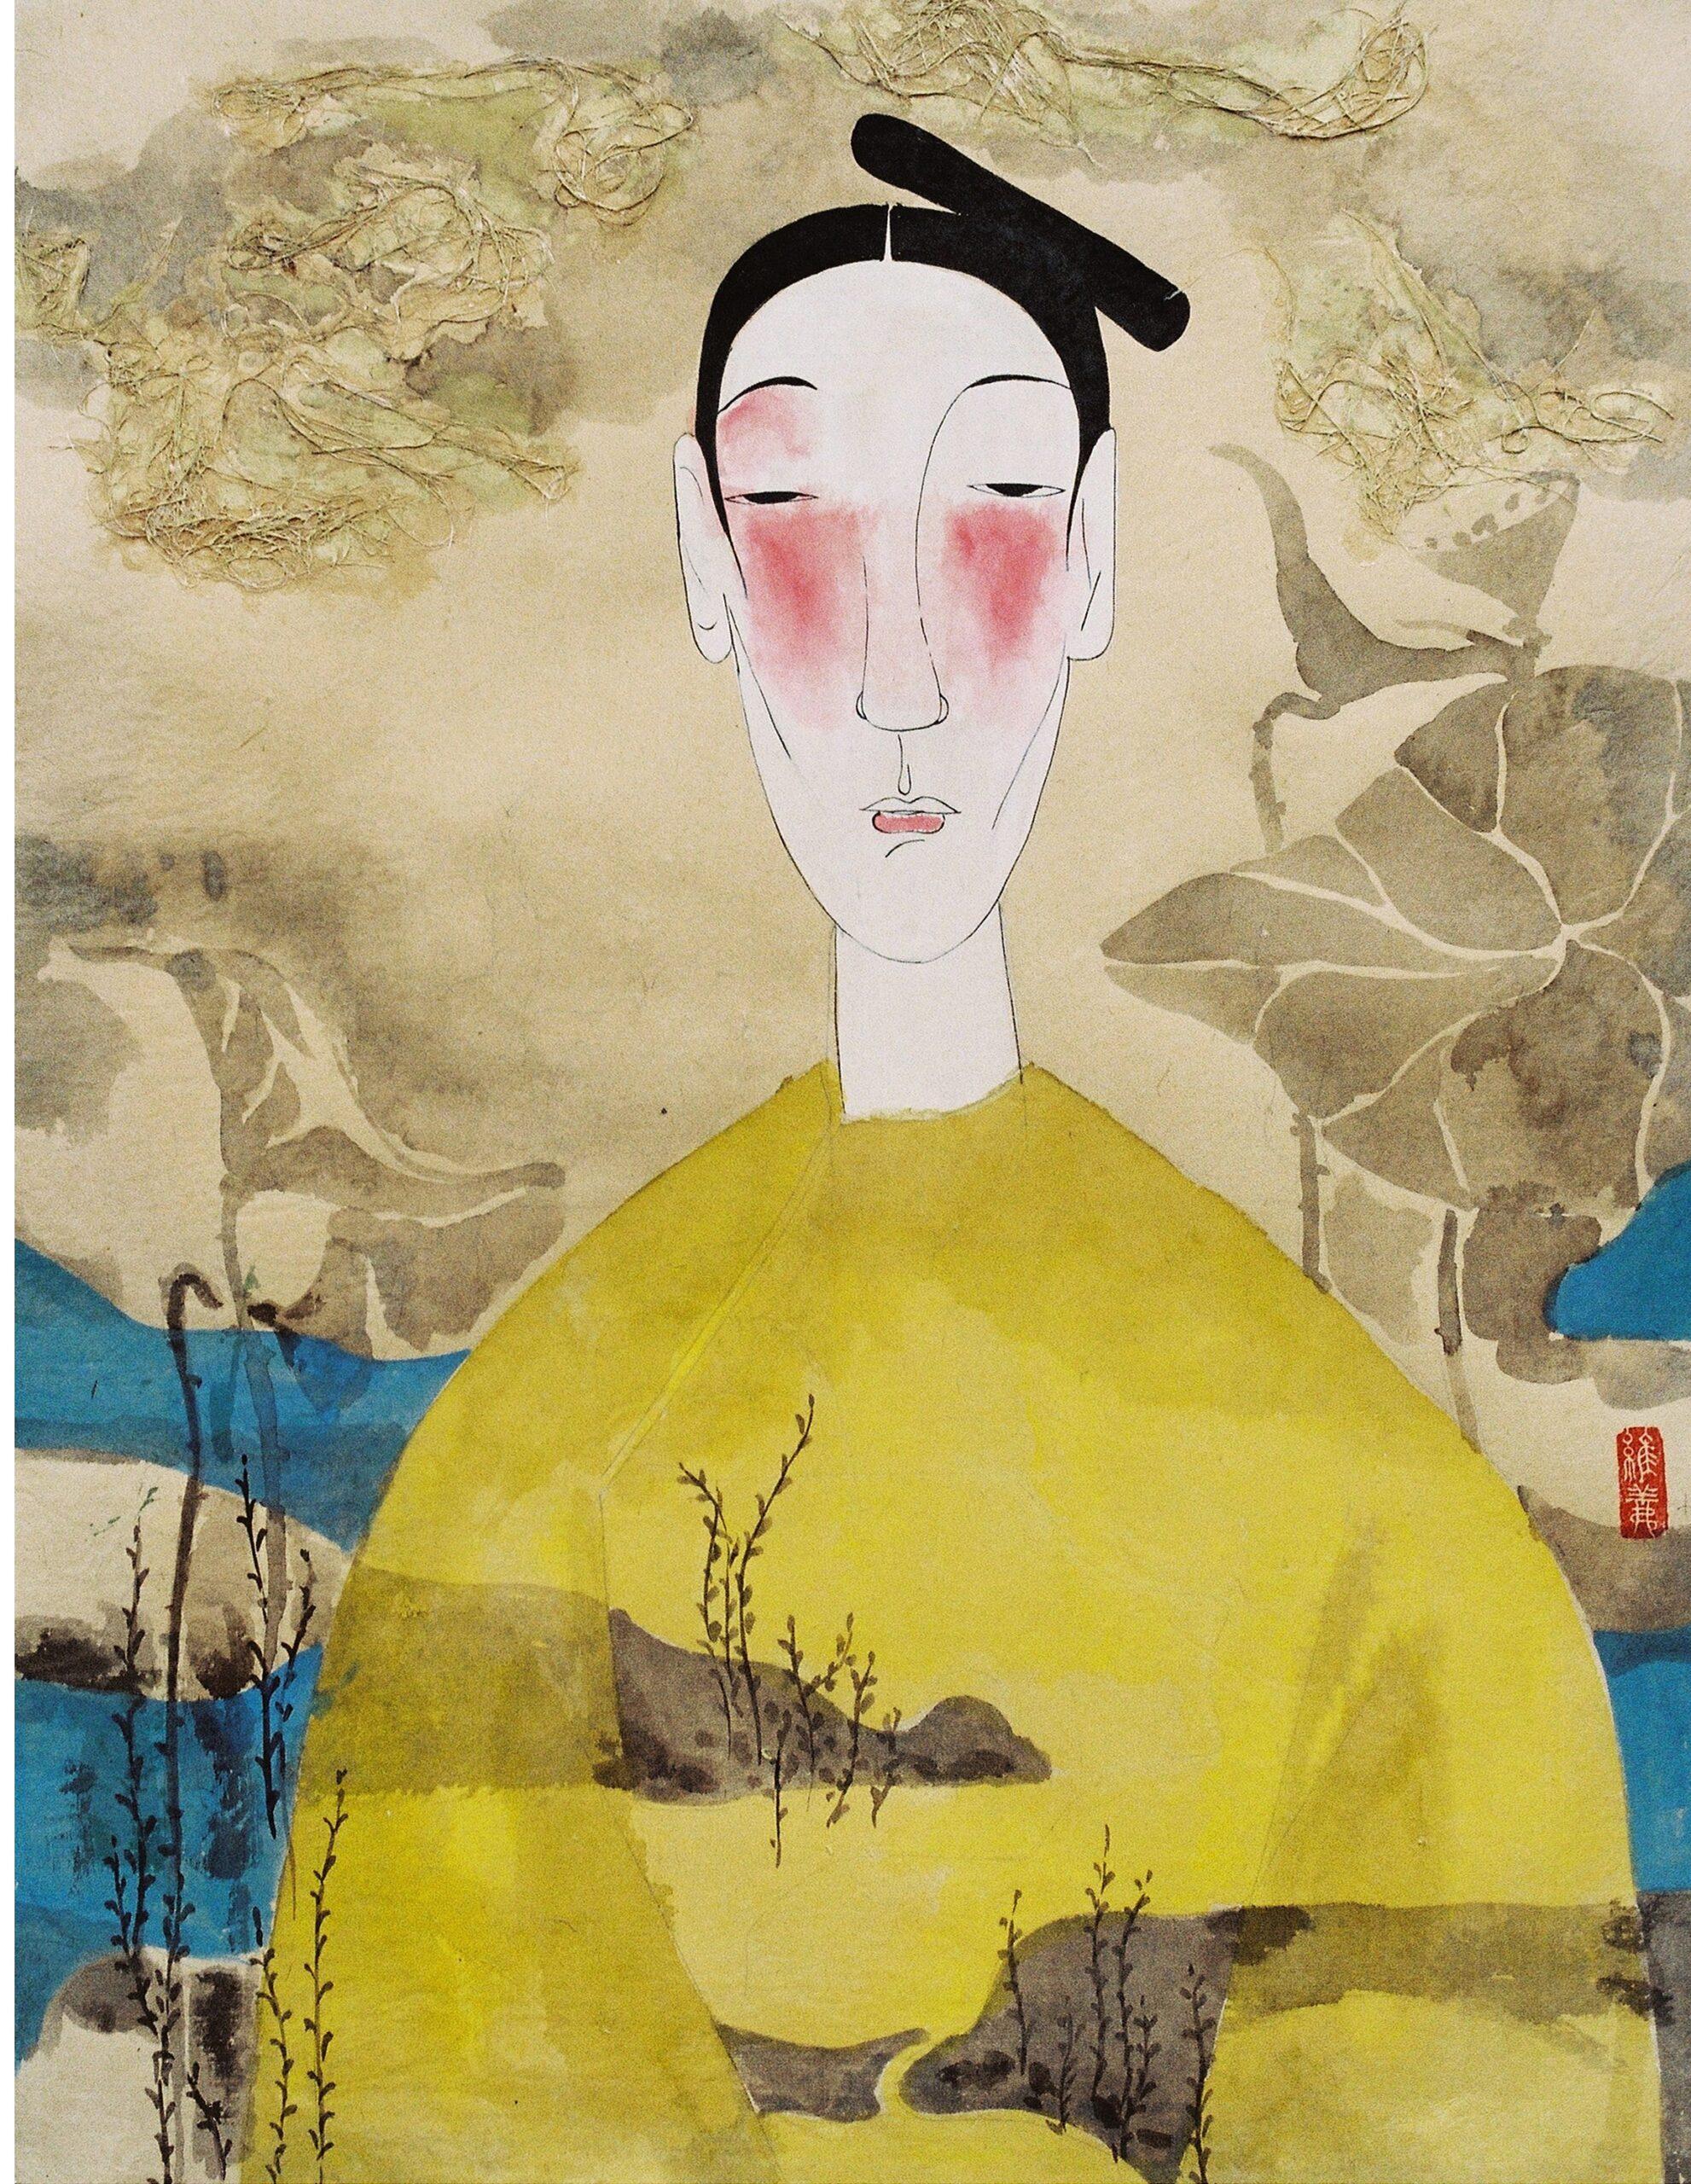 Gossamer and Gold by Vu Thu Hien, watercolour on handmade paper, 2009, 80 x 60 cm